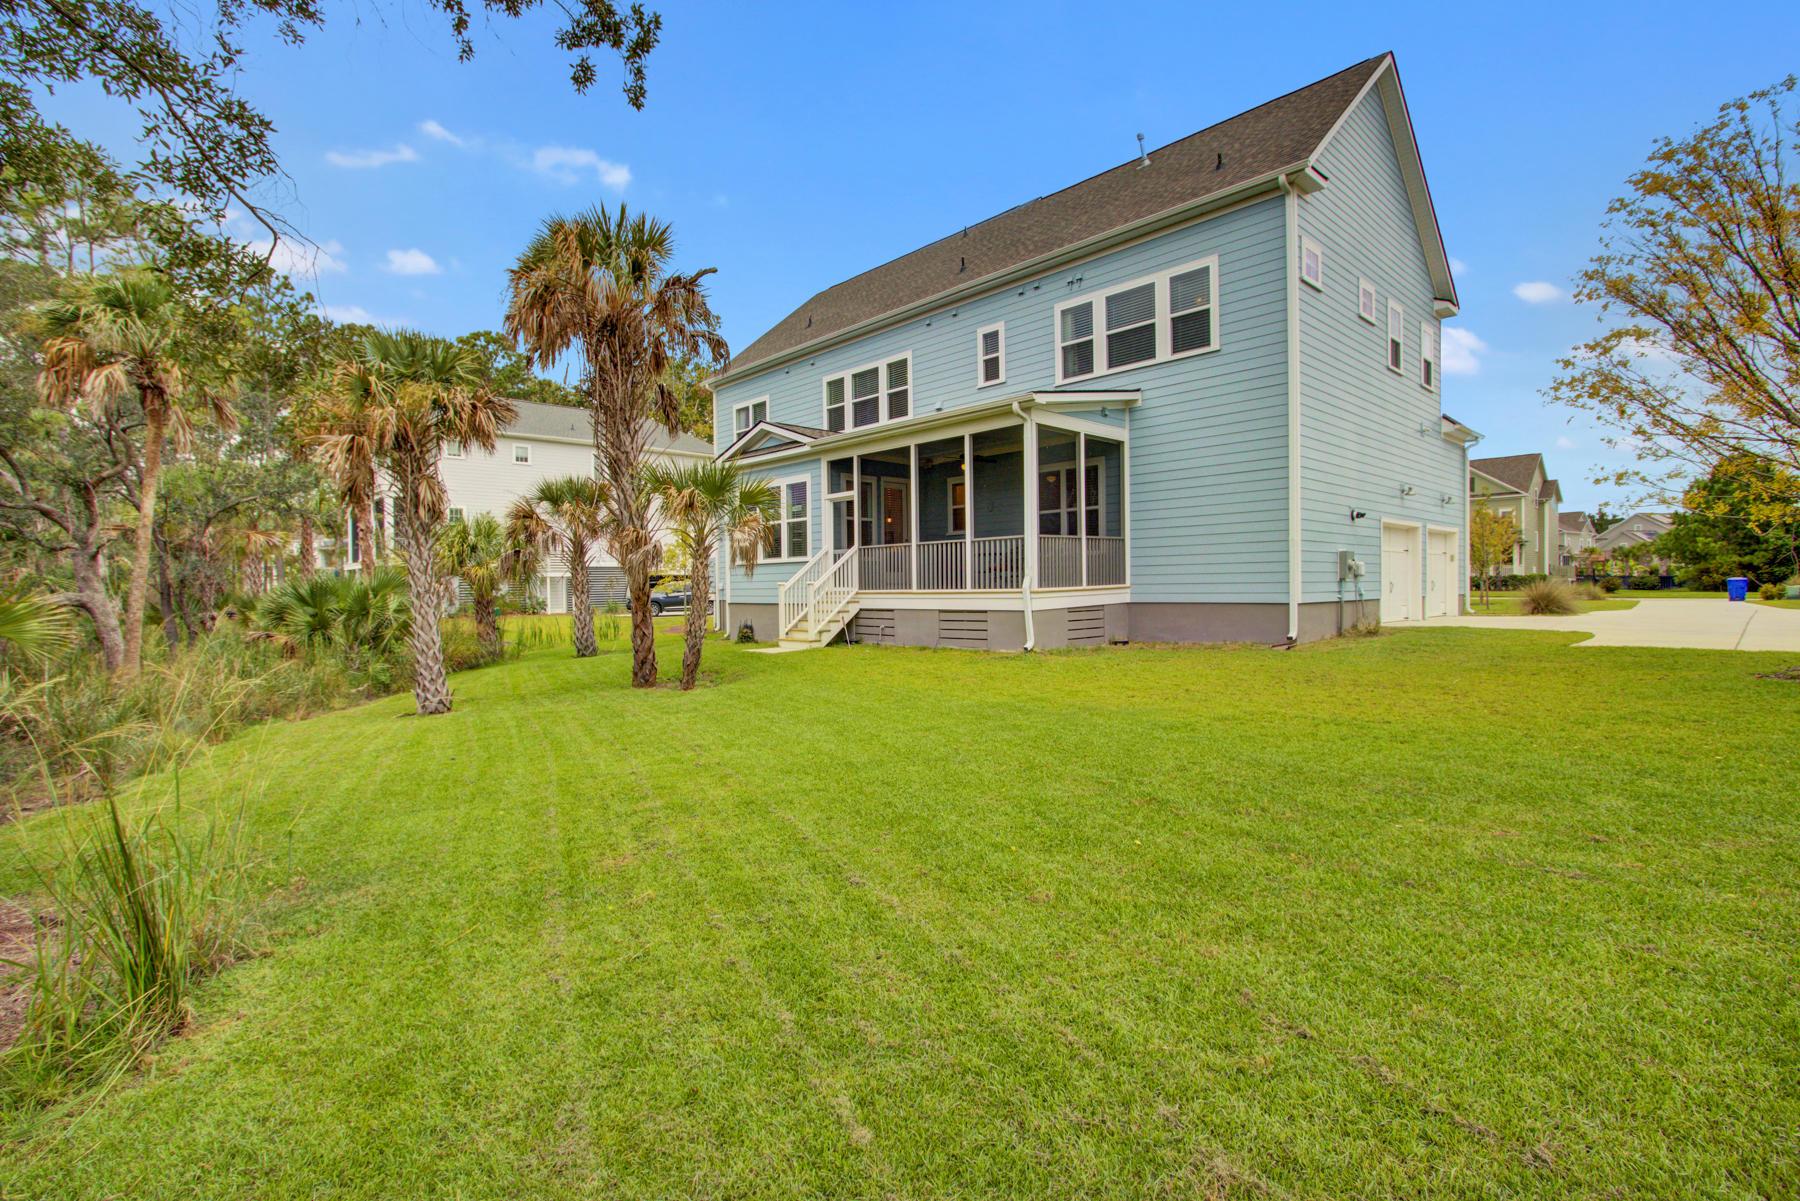 Dunes West Homes For Sale - 2984 Yachtsman, Mount Pleasant, SC - 31